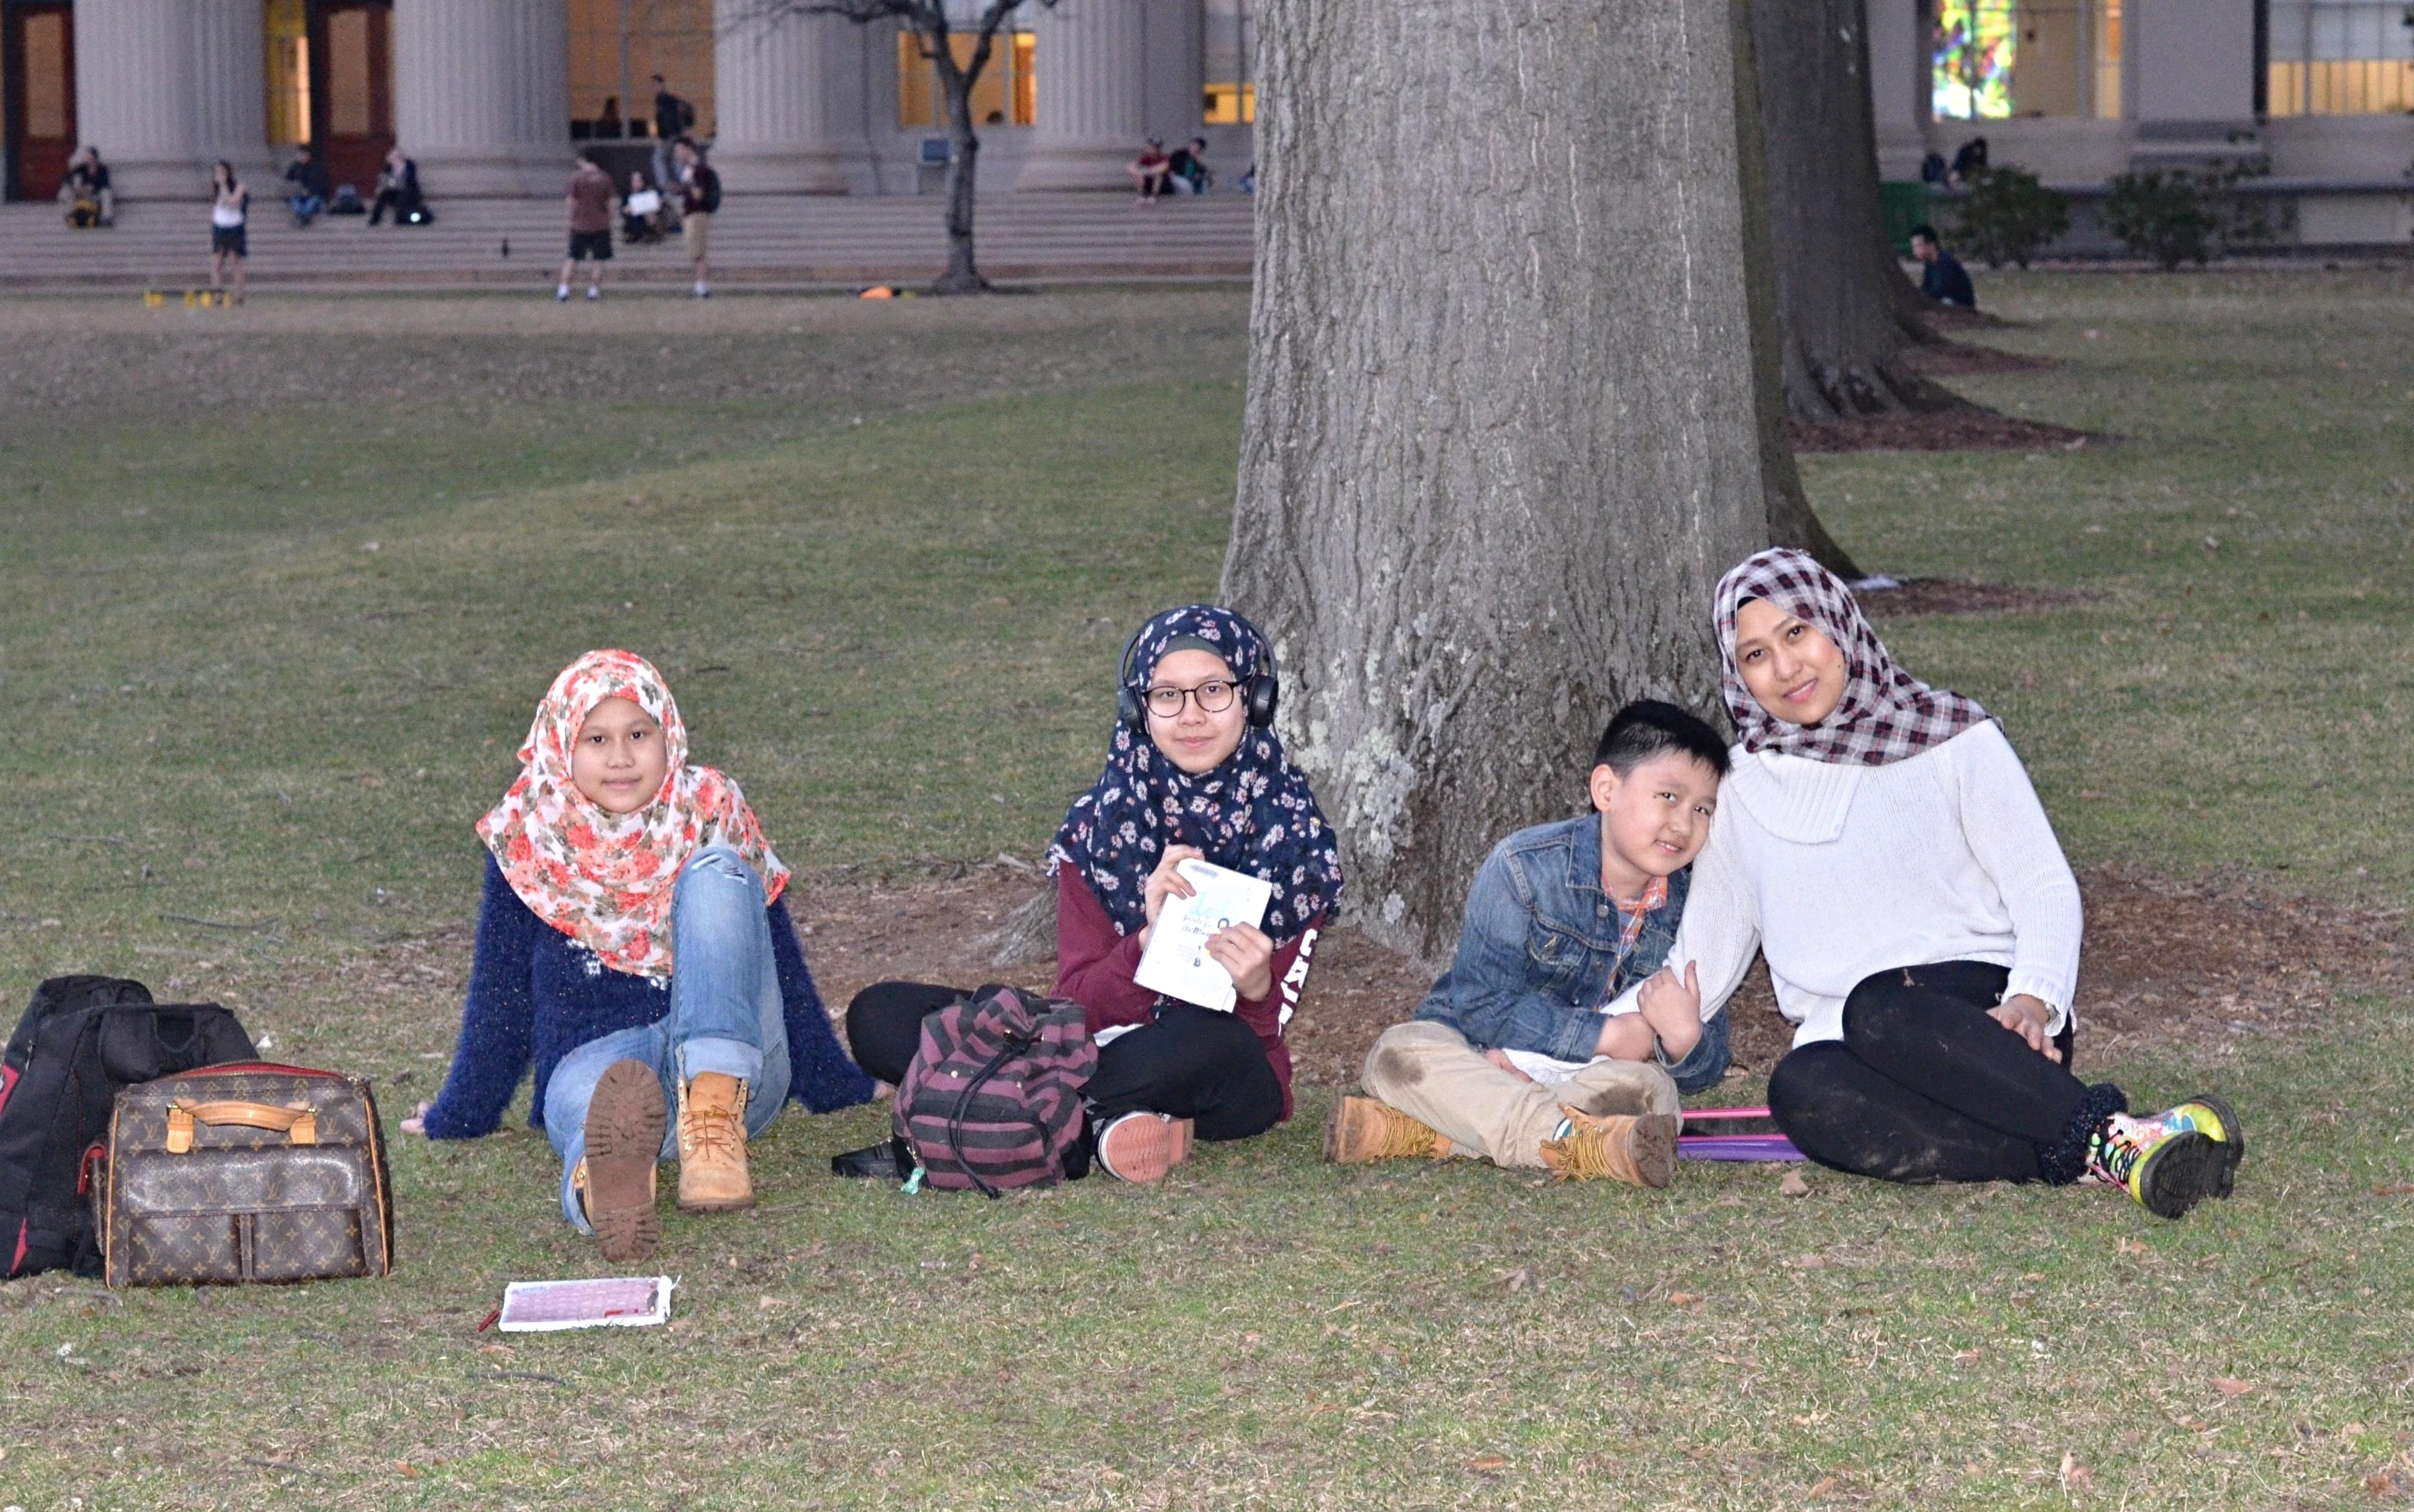 My children at MIT_on grass